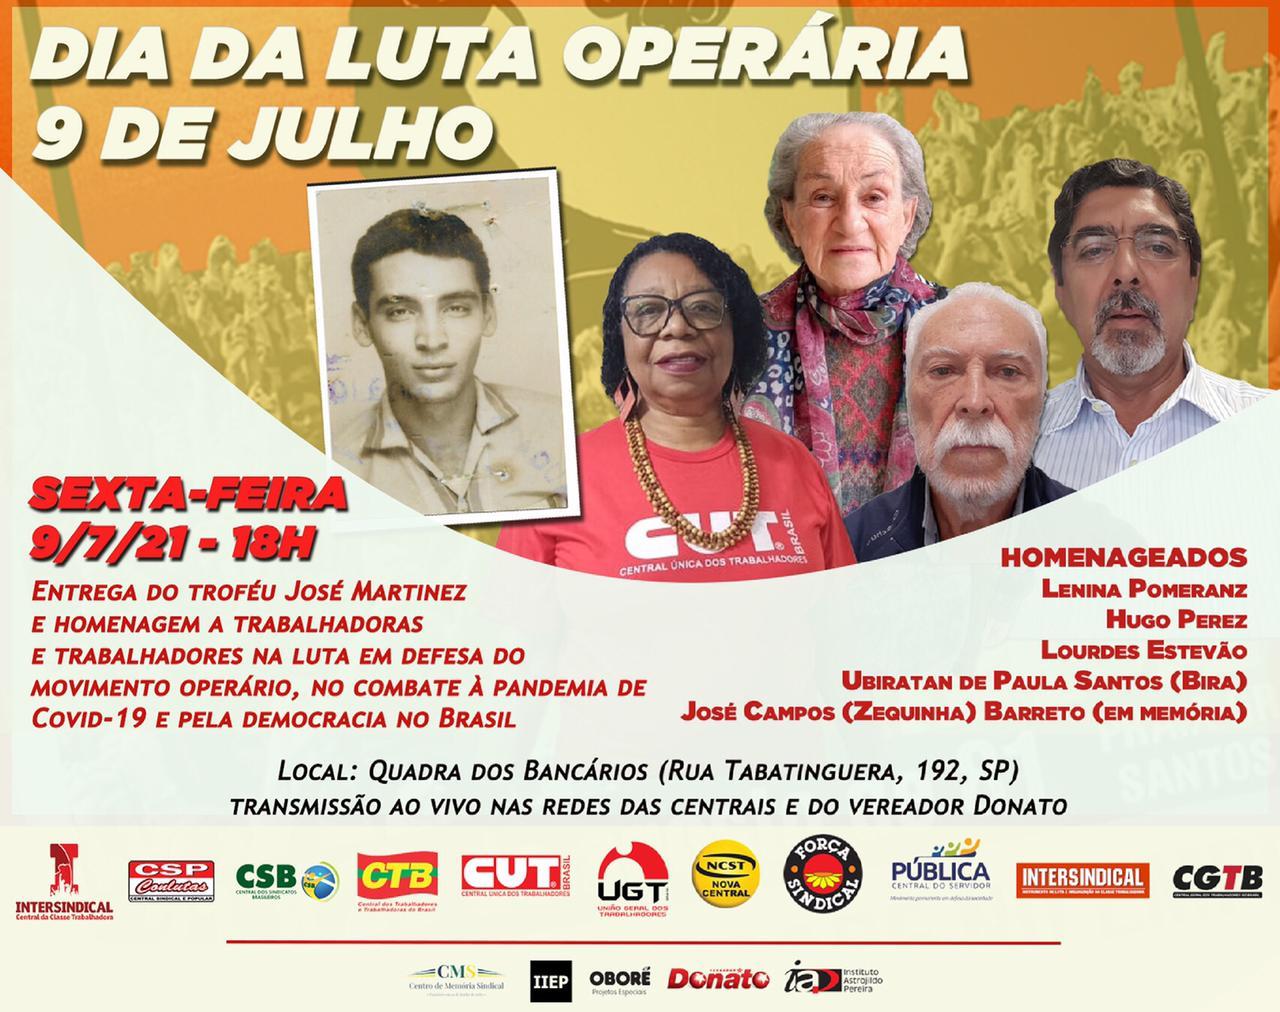 Dia da luta operária homenageará Lenina Pomeranz, Hugo Perez, além de profissionais da saúde e lembrará os 50 anos da morte de Zequinha Barreto